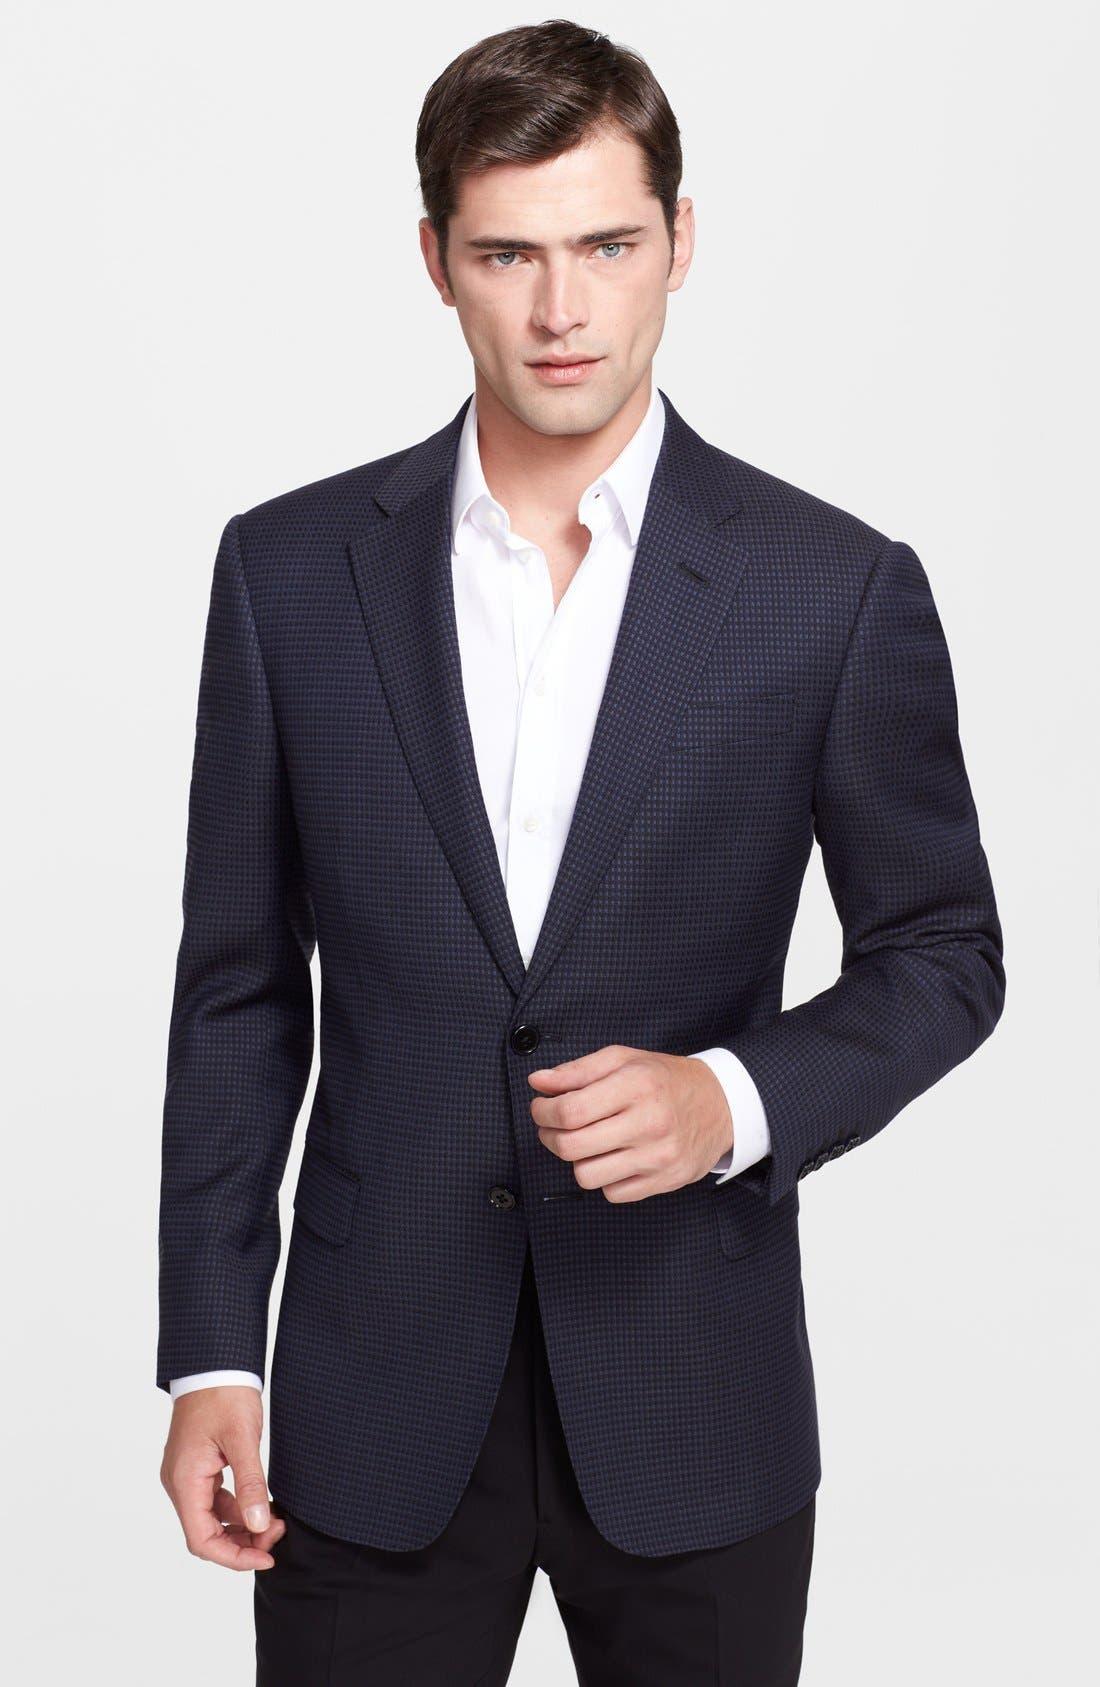 Alternate Image 1 Selected - Armani Collezioni 'Giorgio' Navy Check Virgin Wool Sport Coat